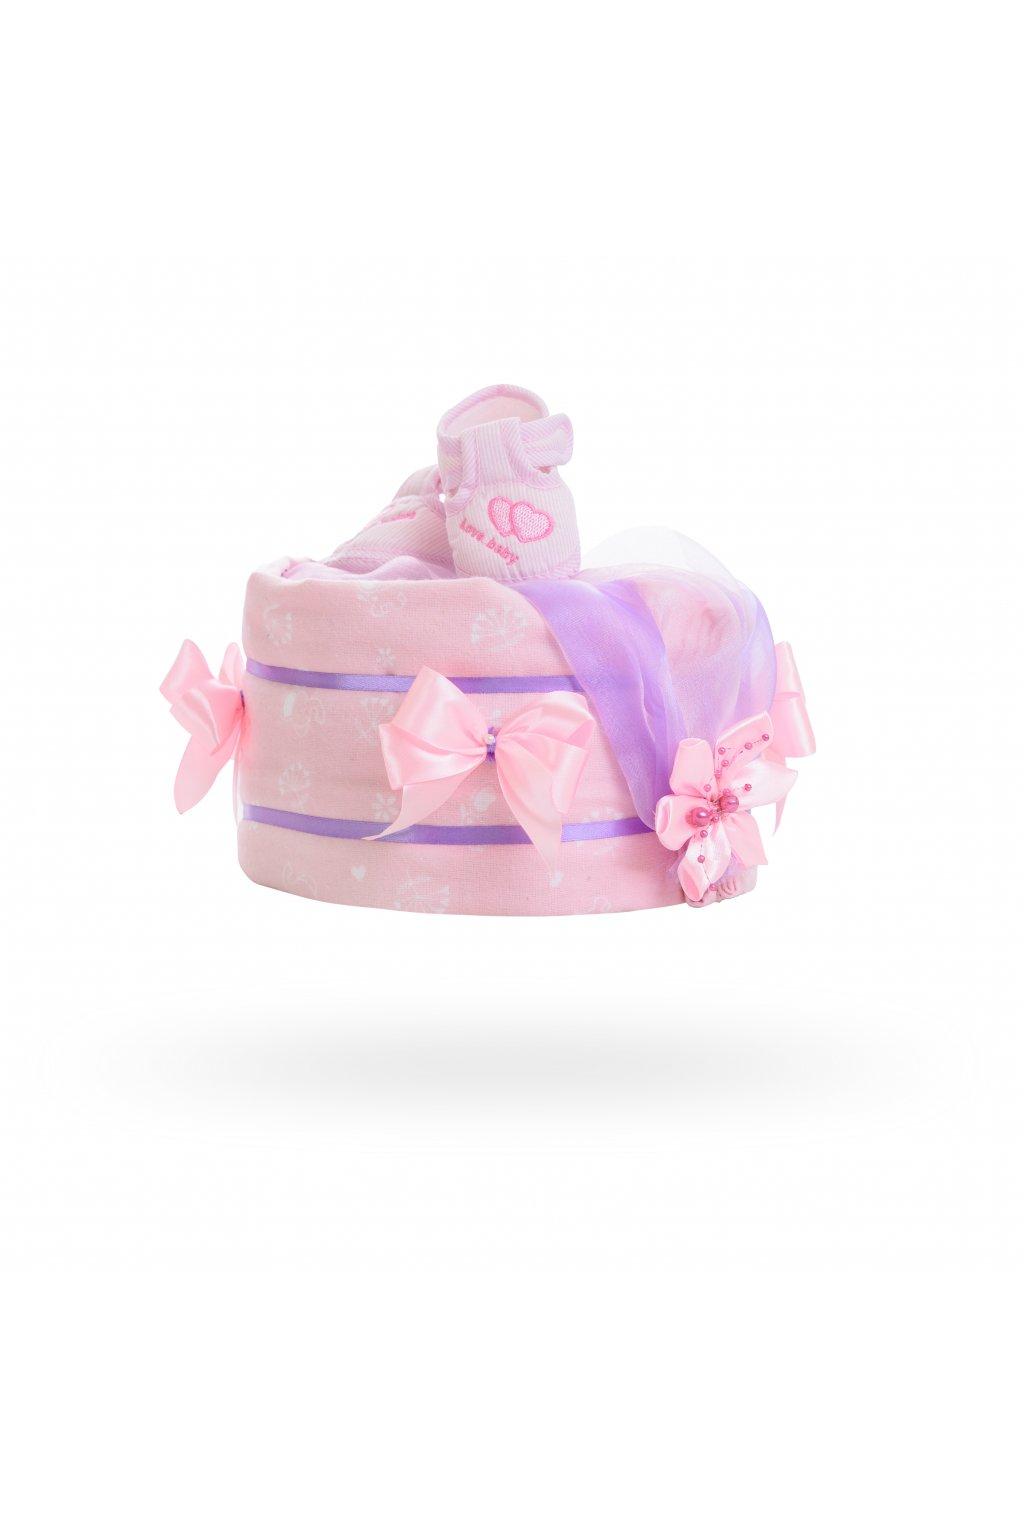 Jednopatrový plenkový dort pro dívky - růžovo fialkový